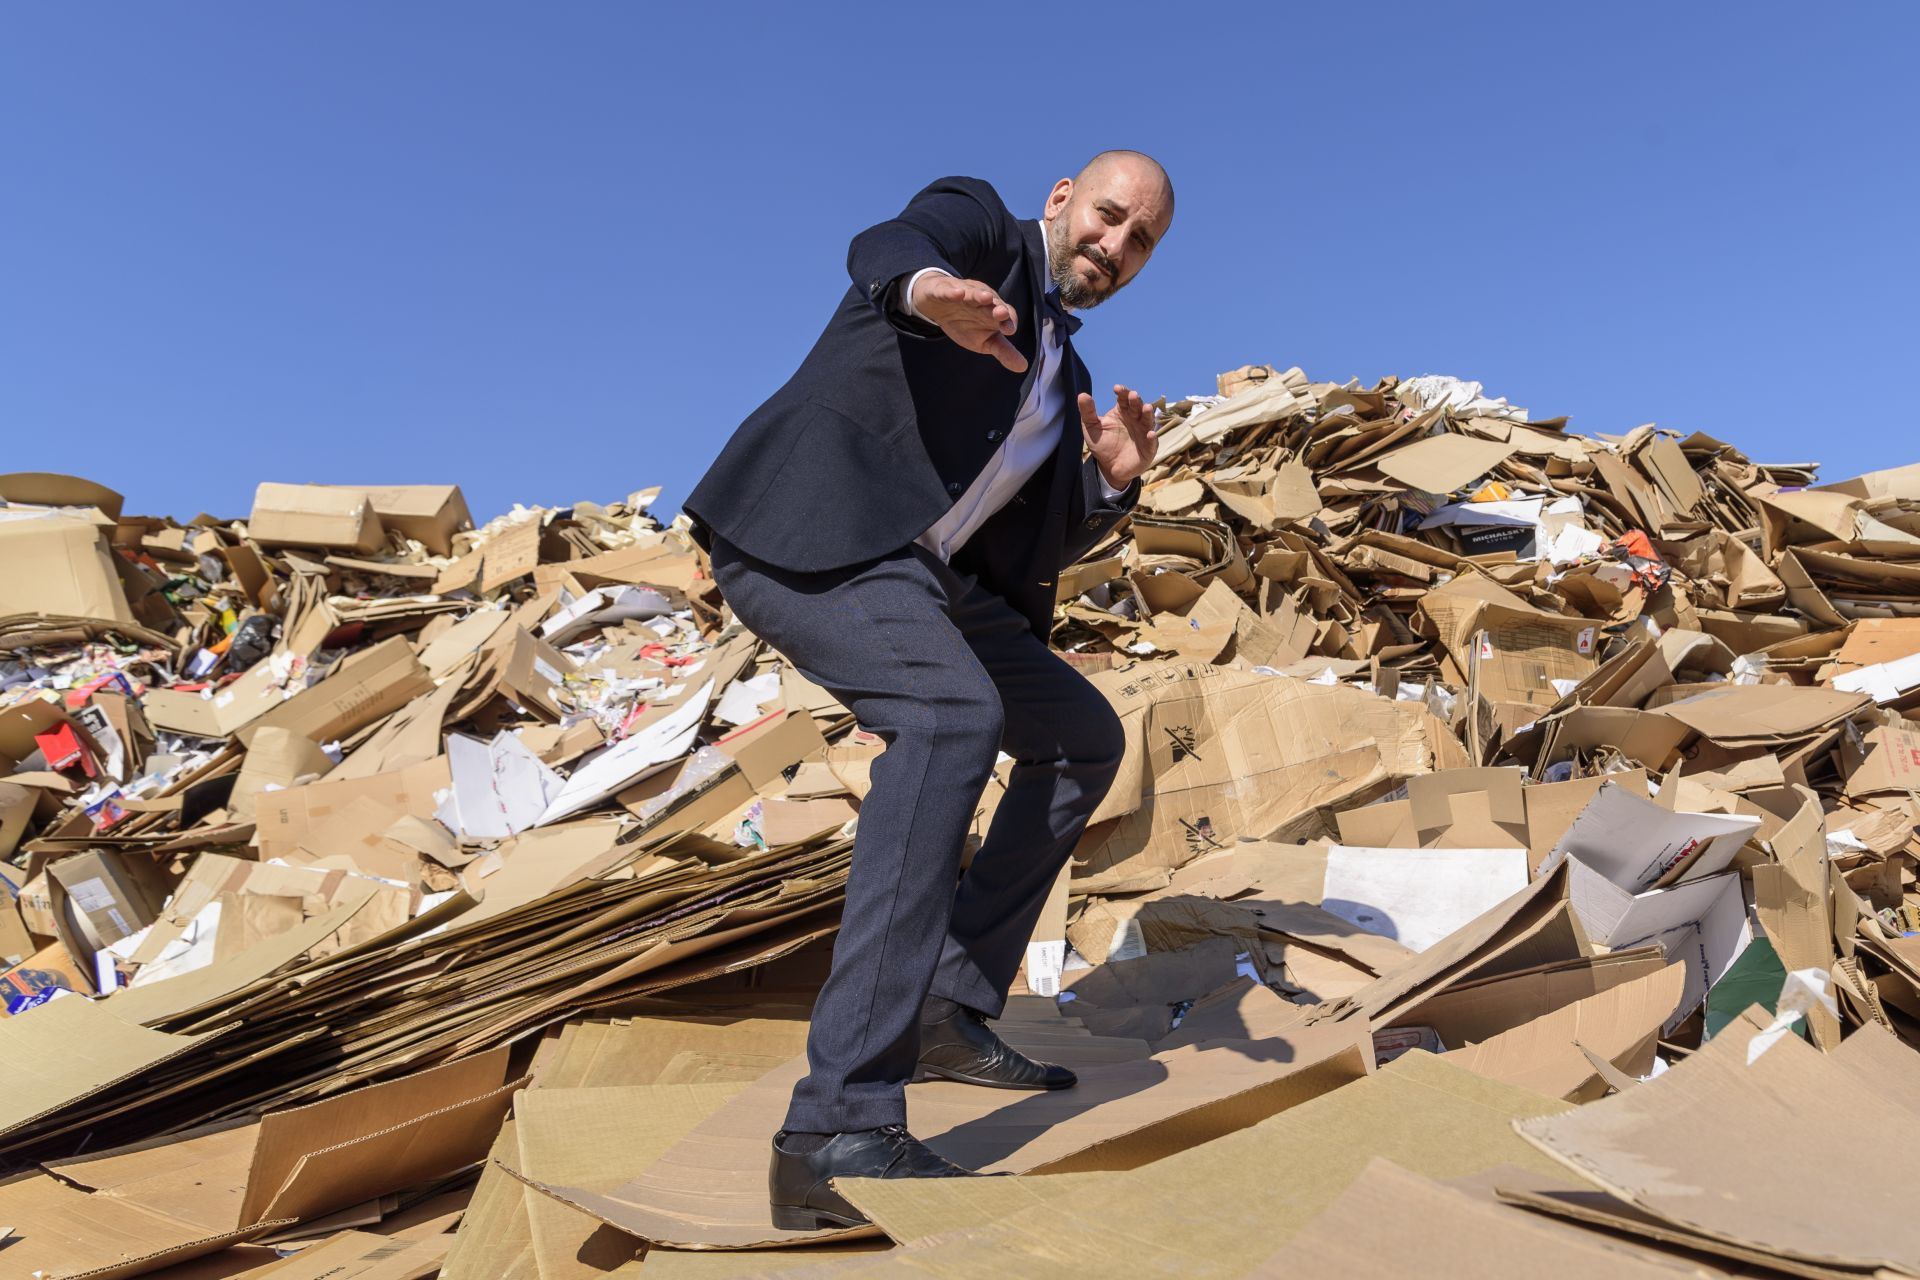 Това депо е последен пристан на документите с изтекъл срок на съхранение...